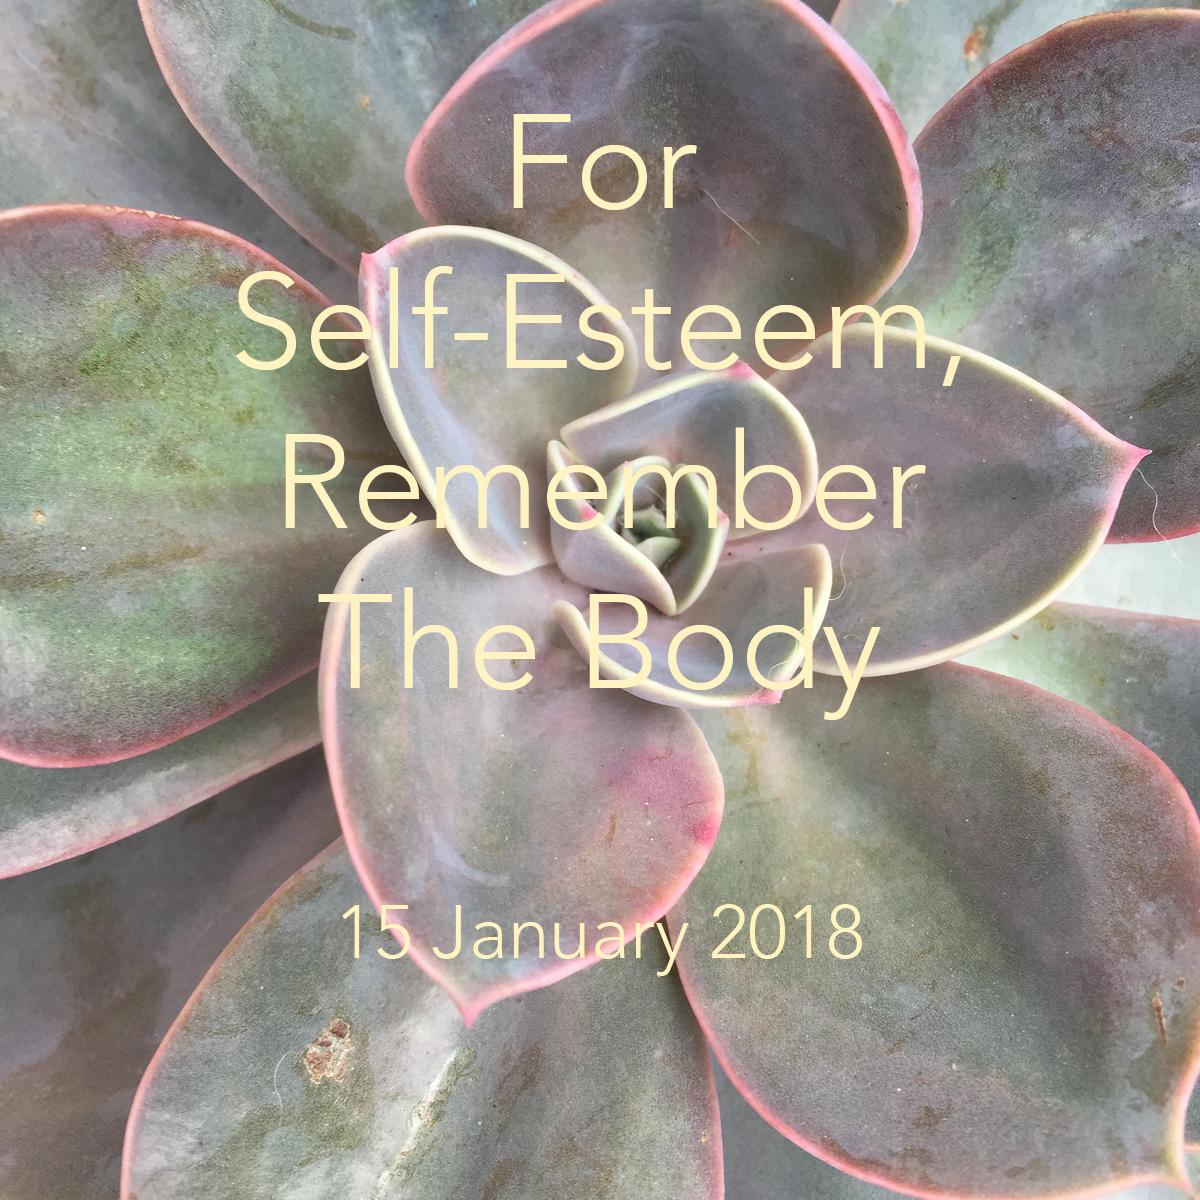 Self-Esteem 2.jpg